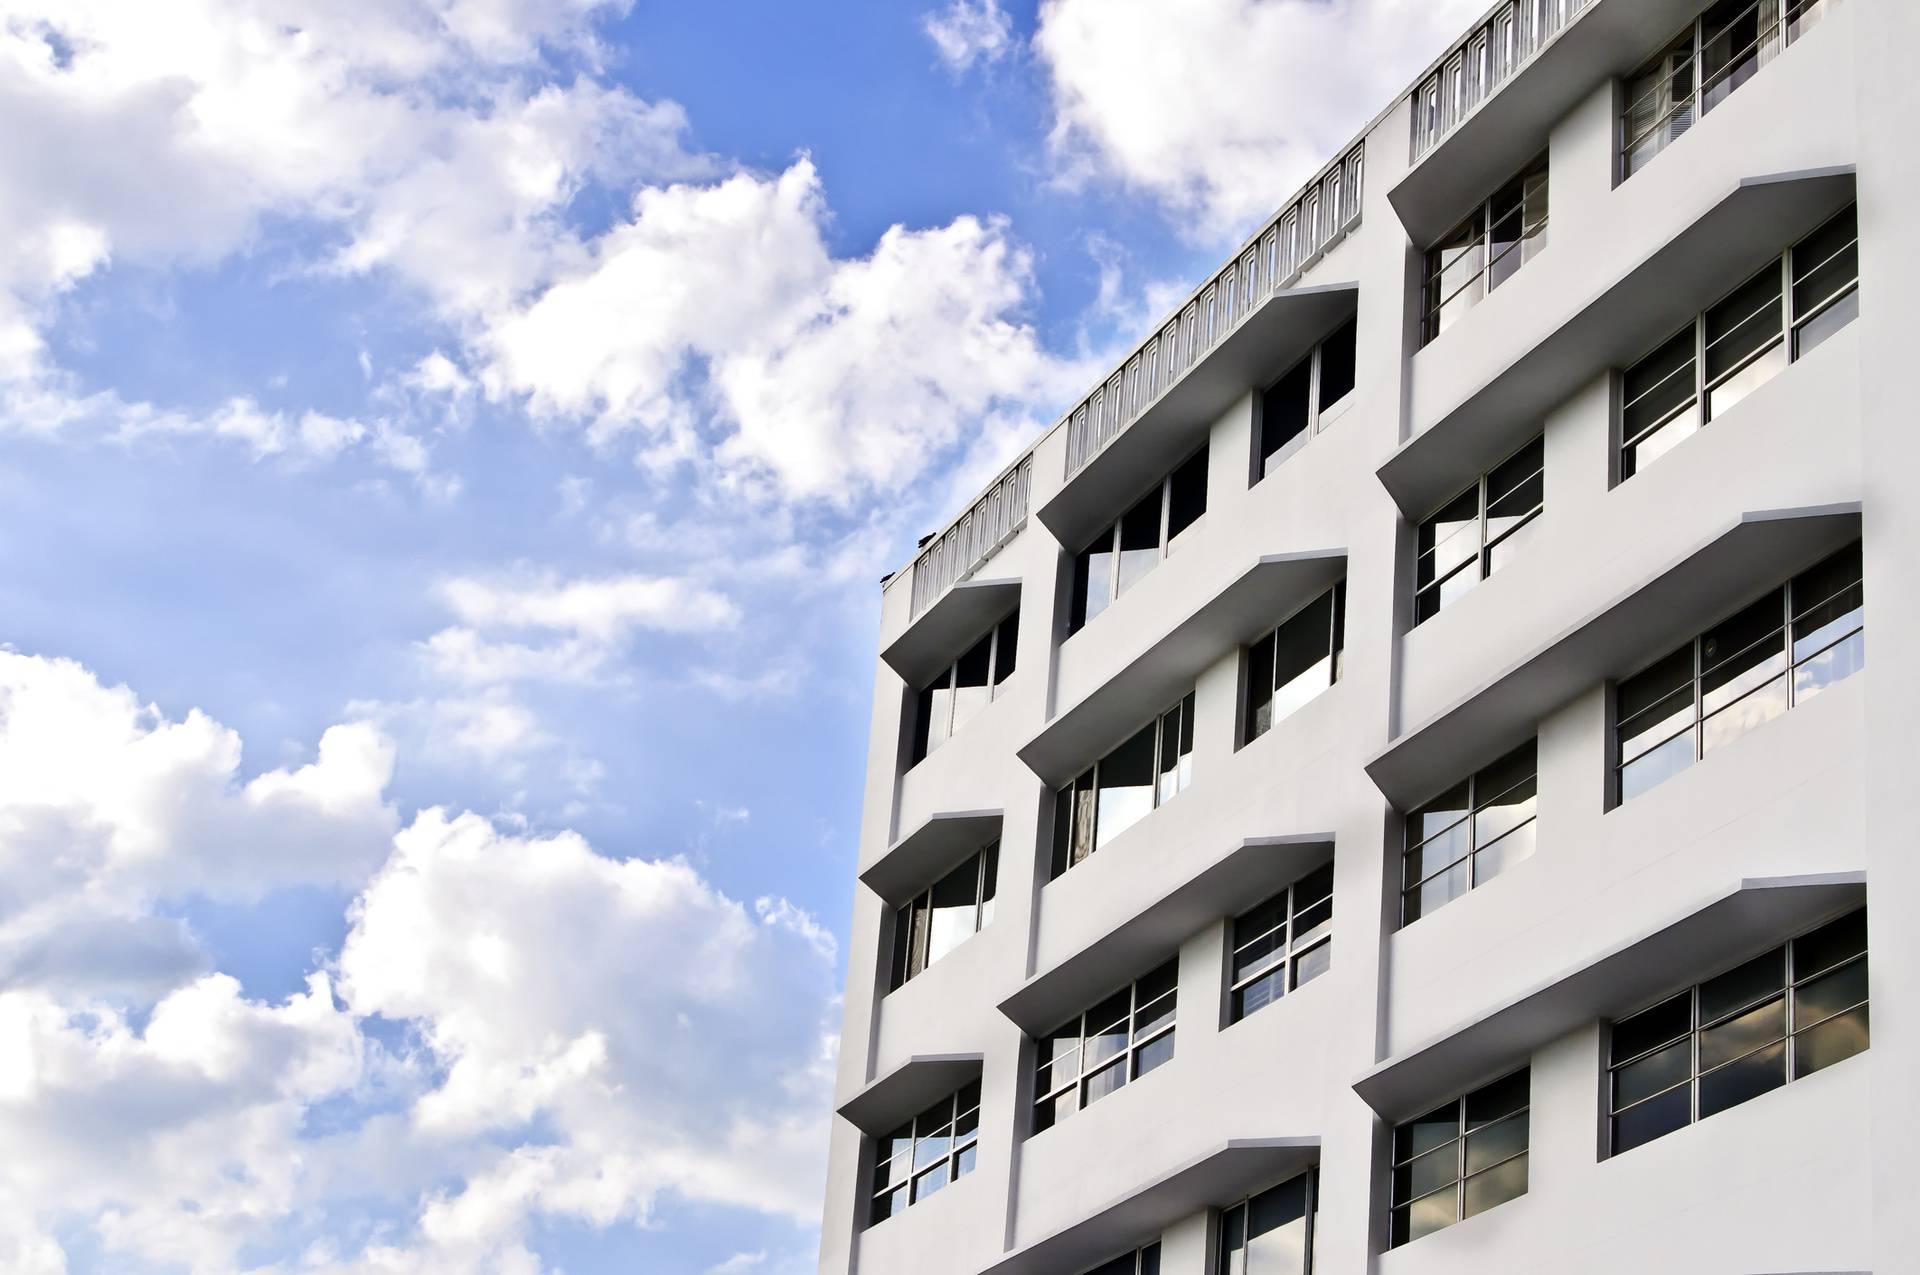 Superbijela boja može hladiti zgrade i dok ih grije jako sunce